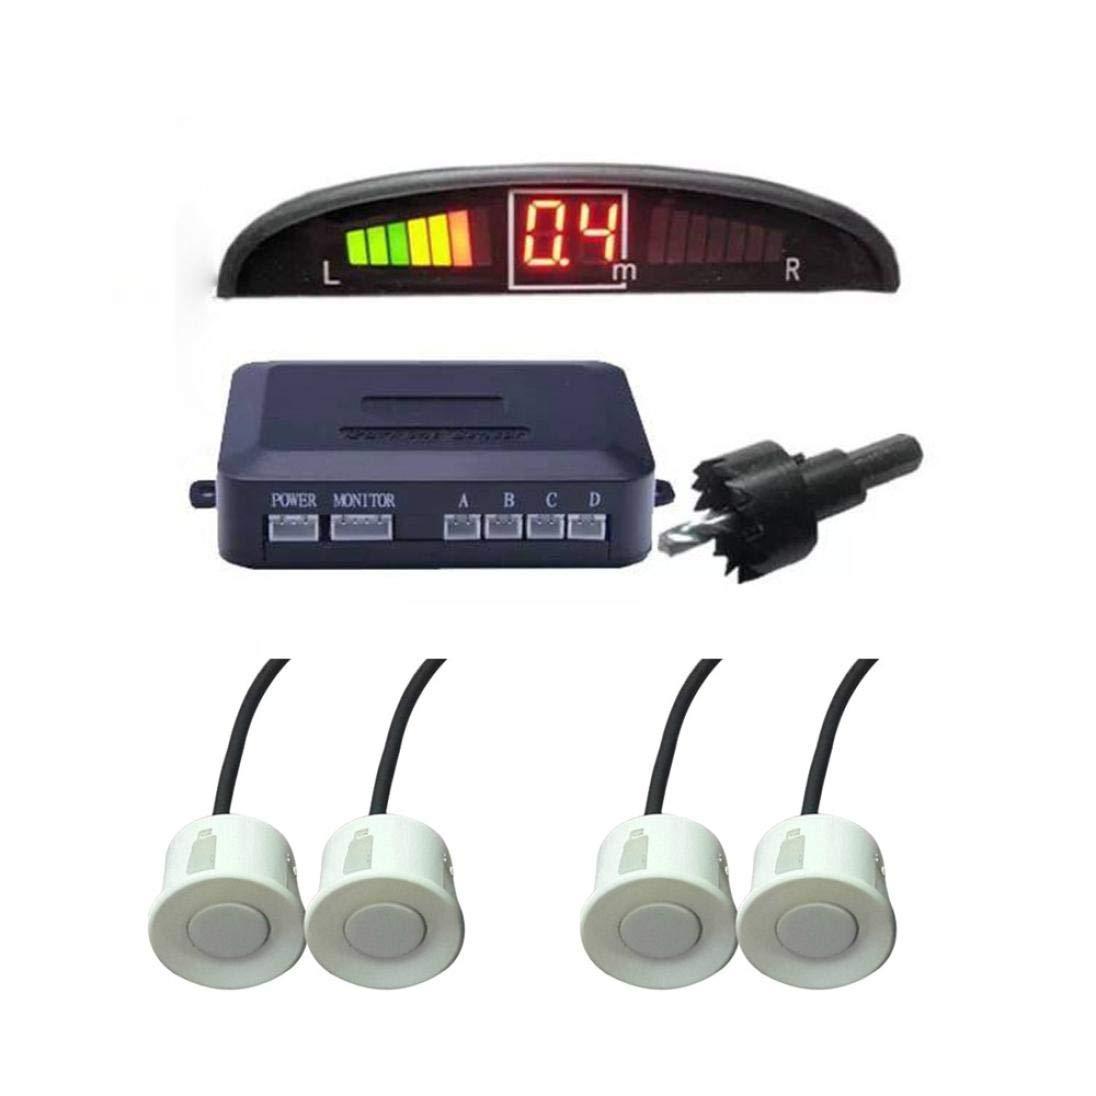 Sonmer Car Reversing Parking Radar Sensor, With 4 Sensors Audio Buzzer Sound Alarm (White)